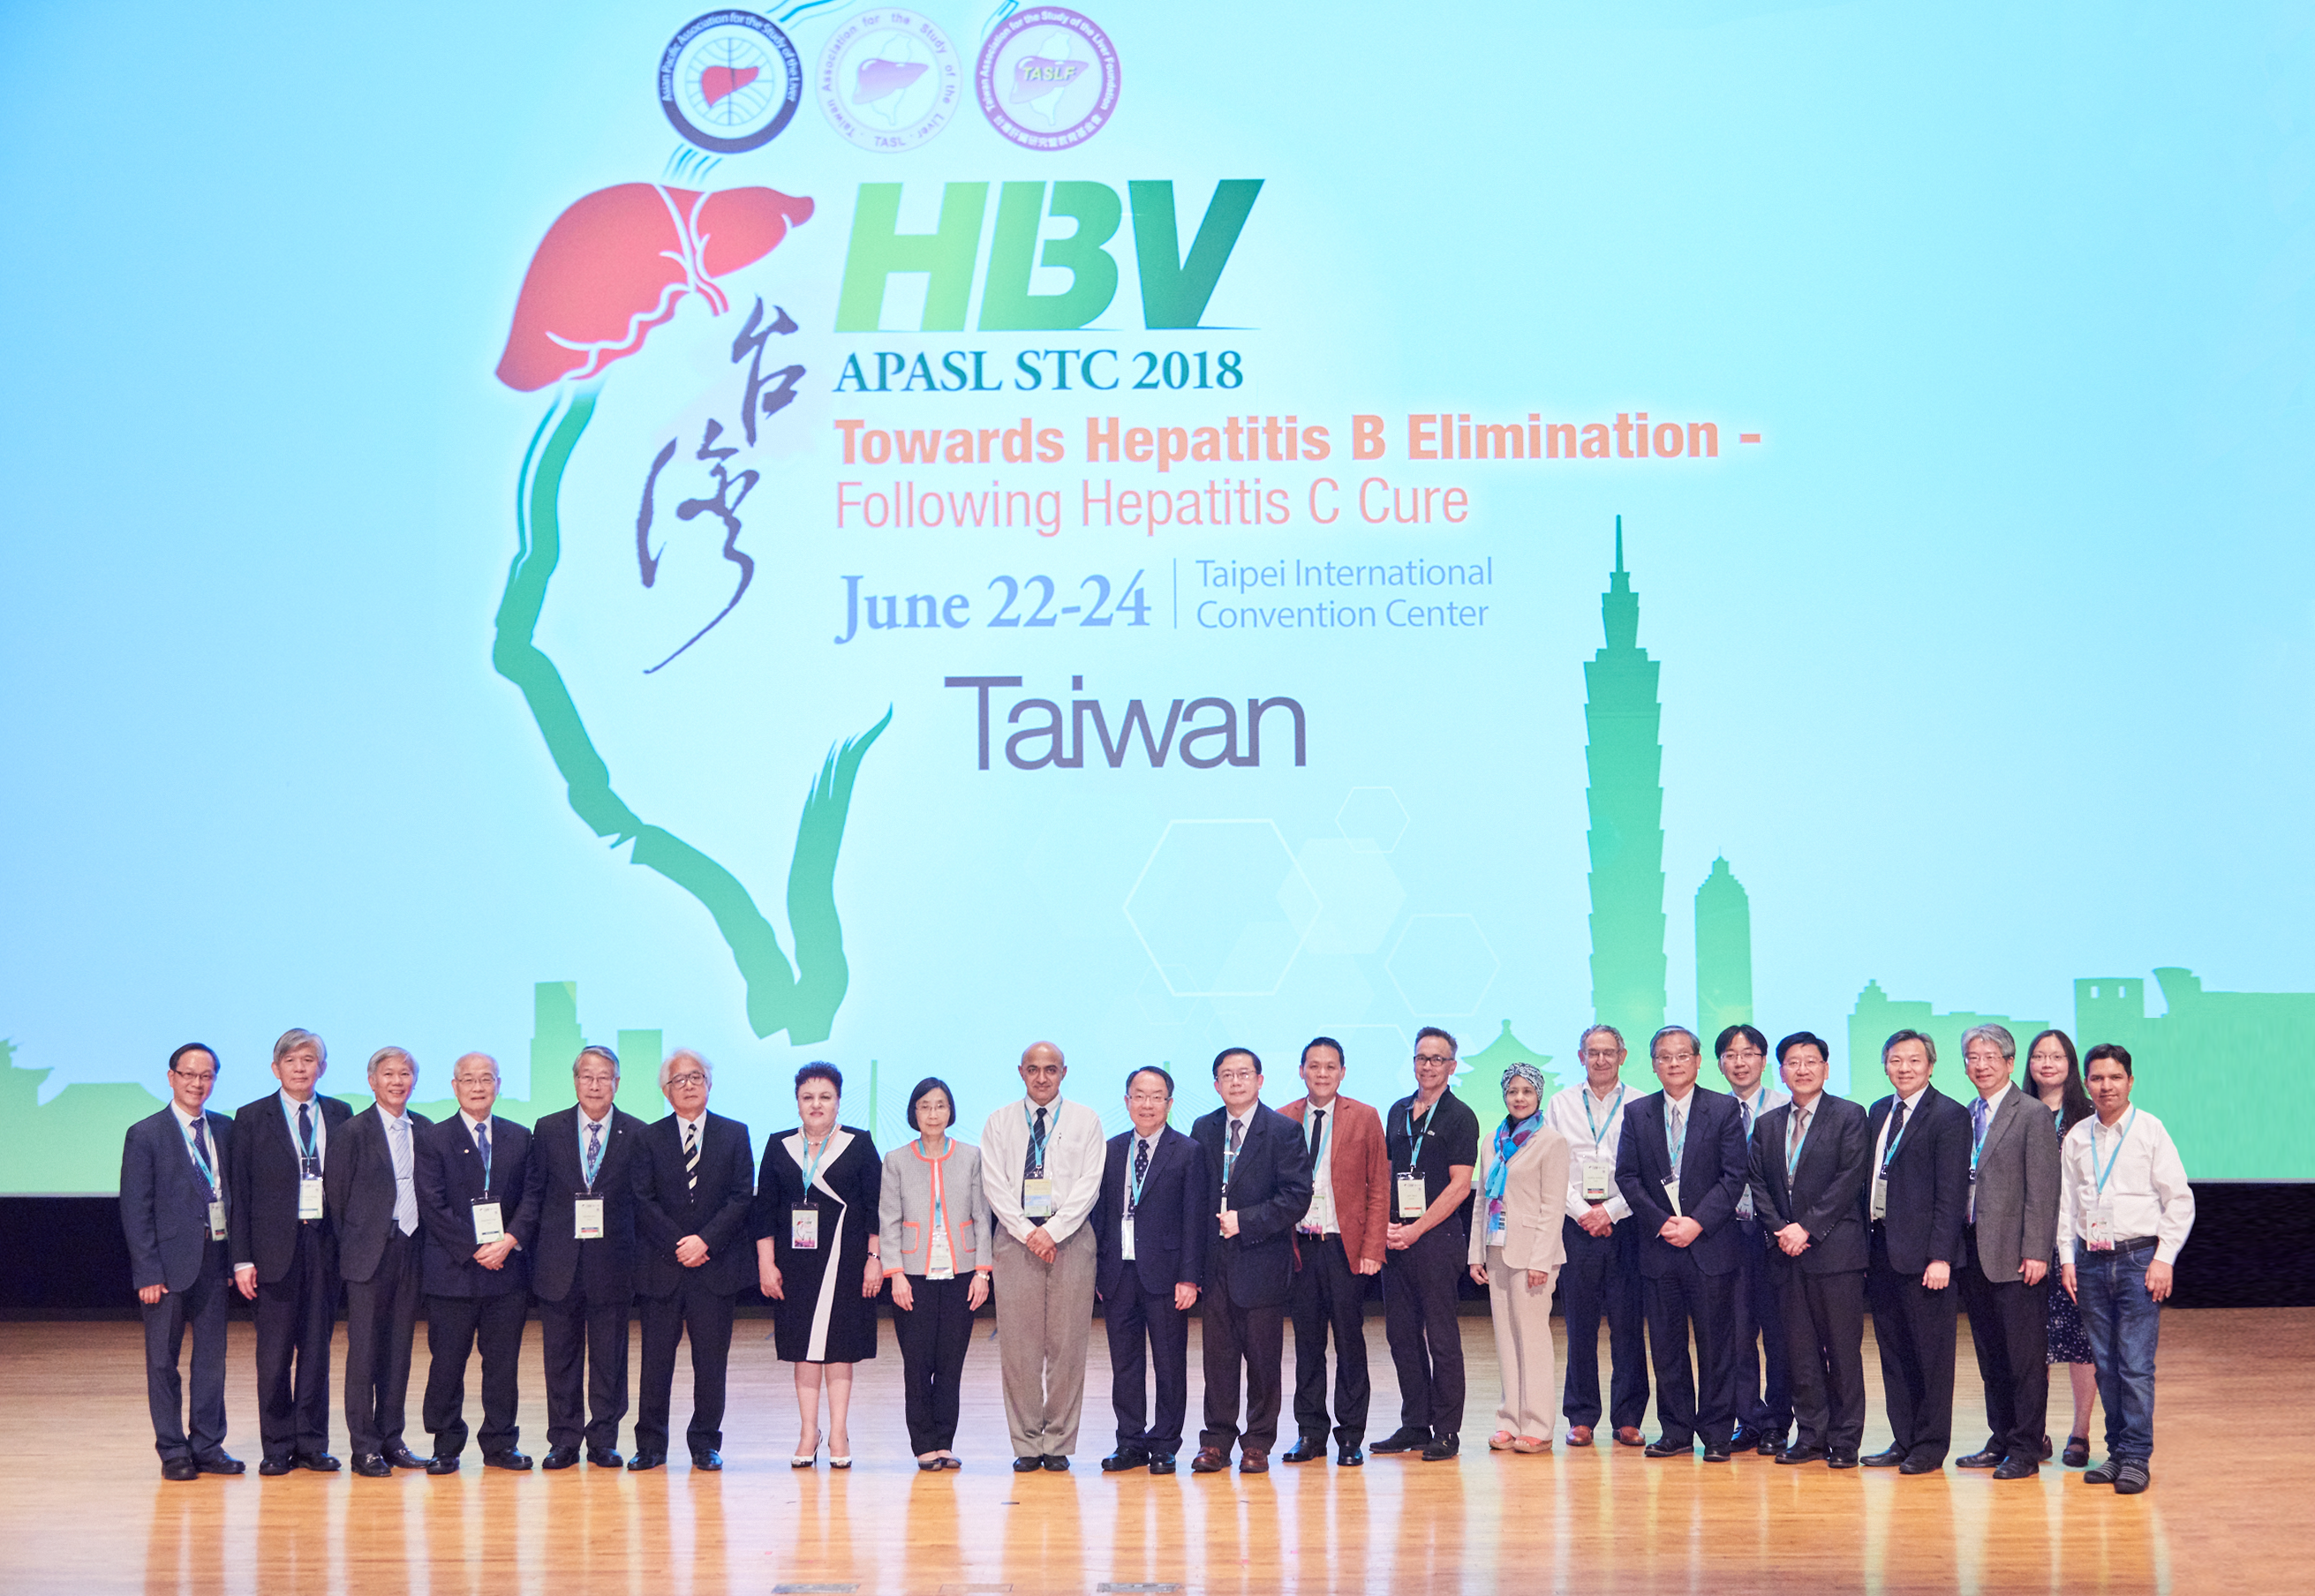 APASL STC 2018 in Taipei